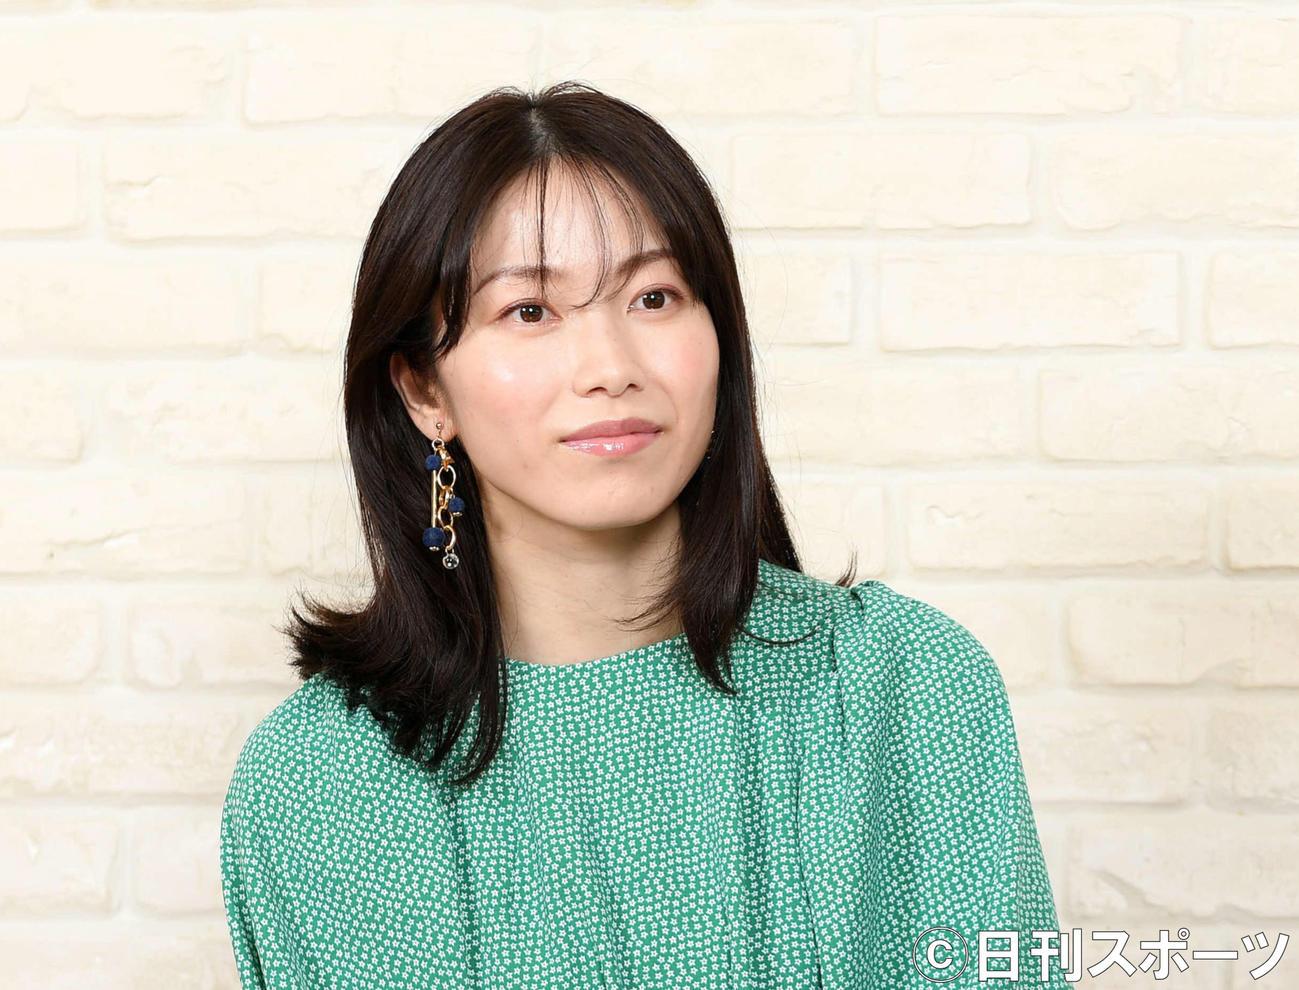 横山由依(2021年7月撮影)